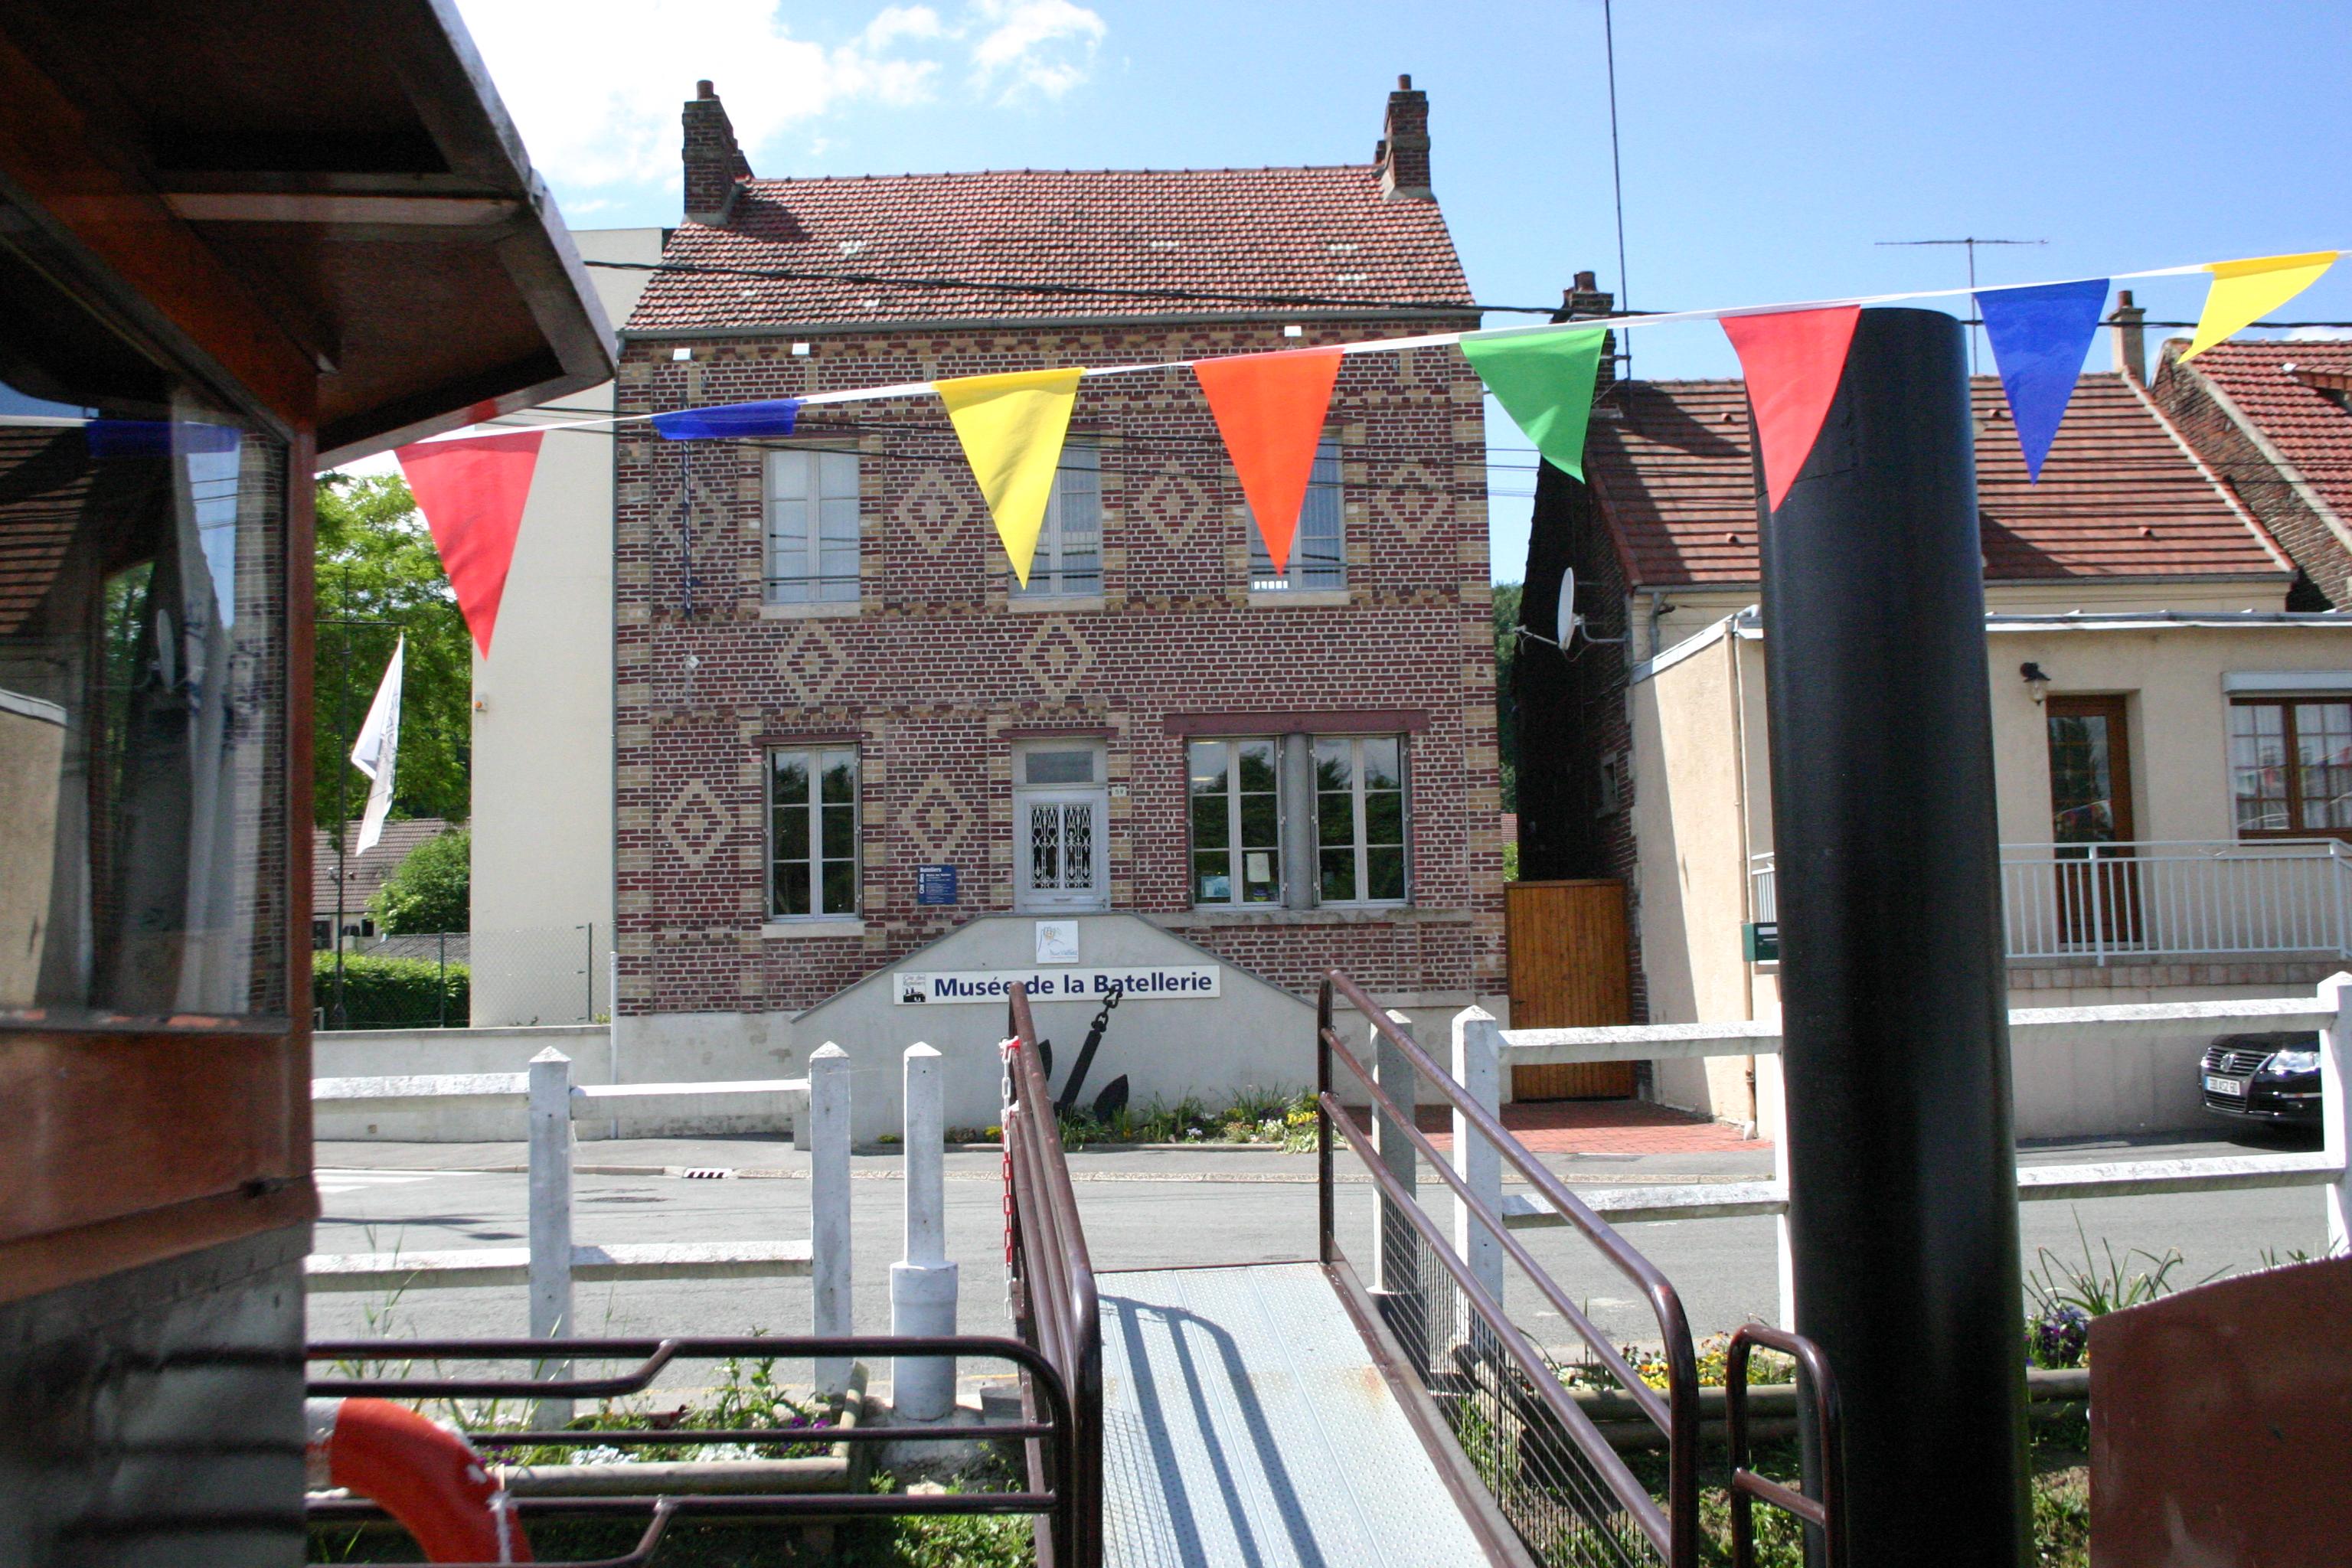 Musée de la Batellerie à Longueil-Annel